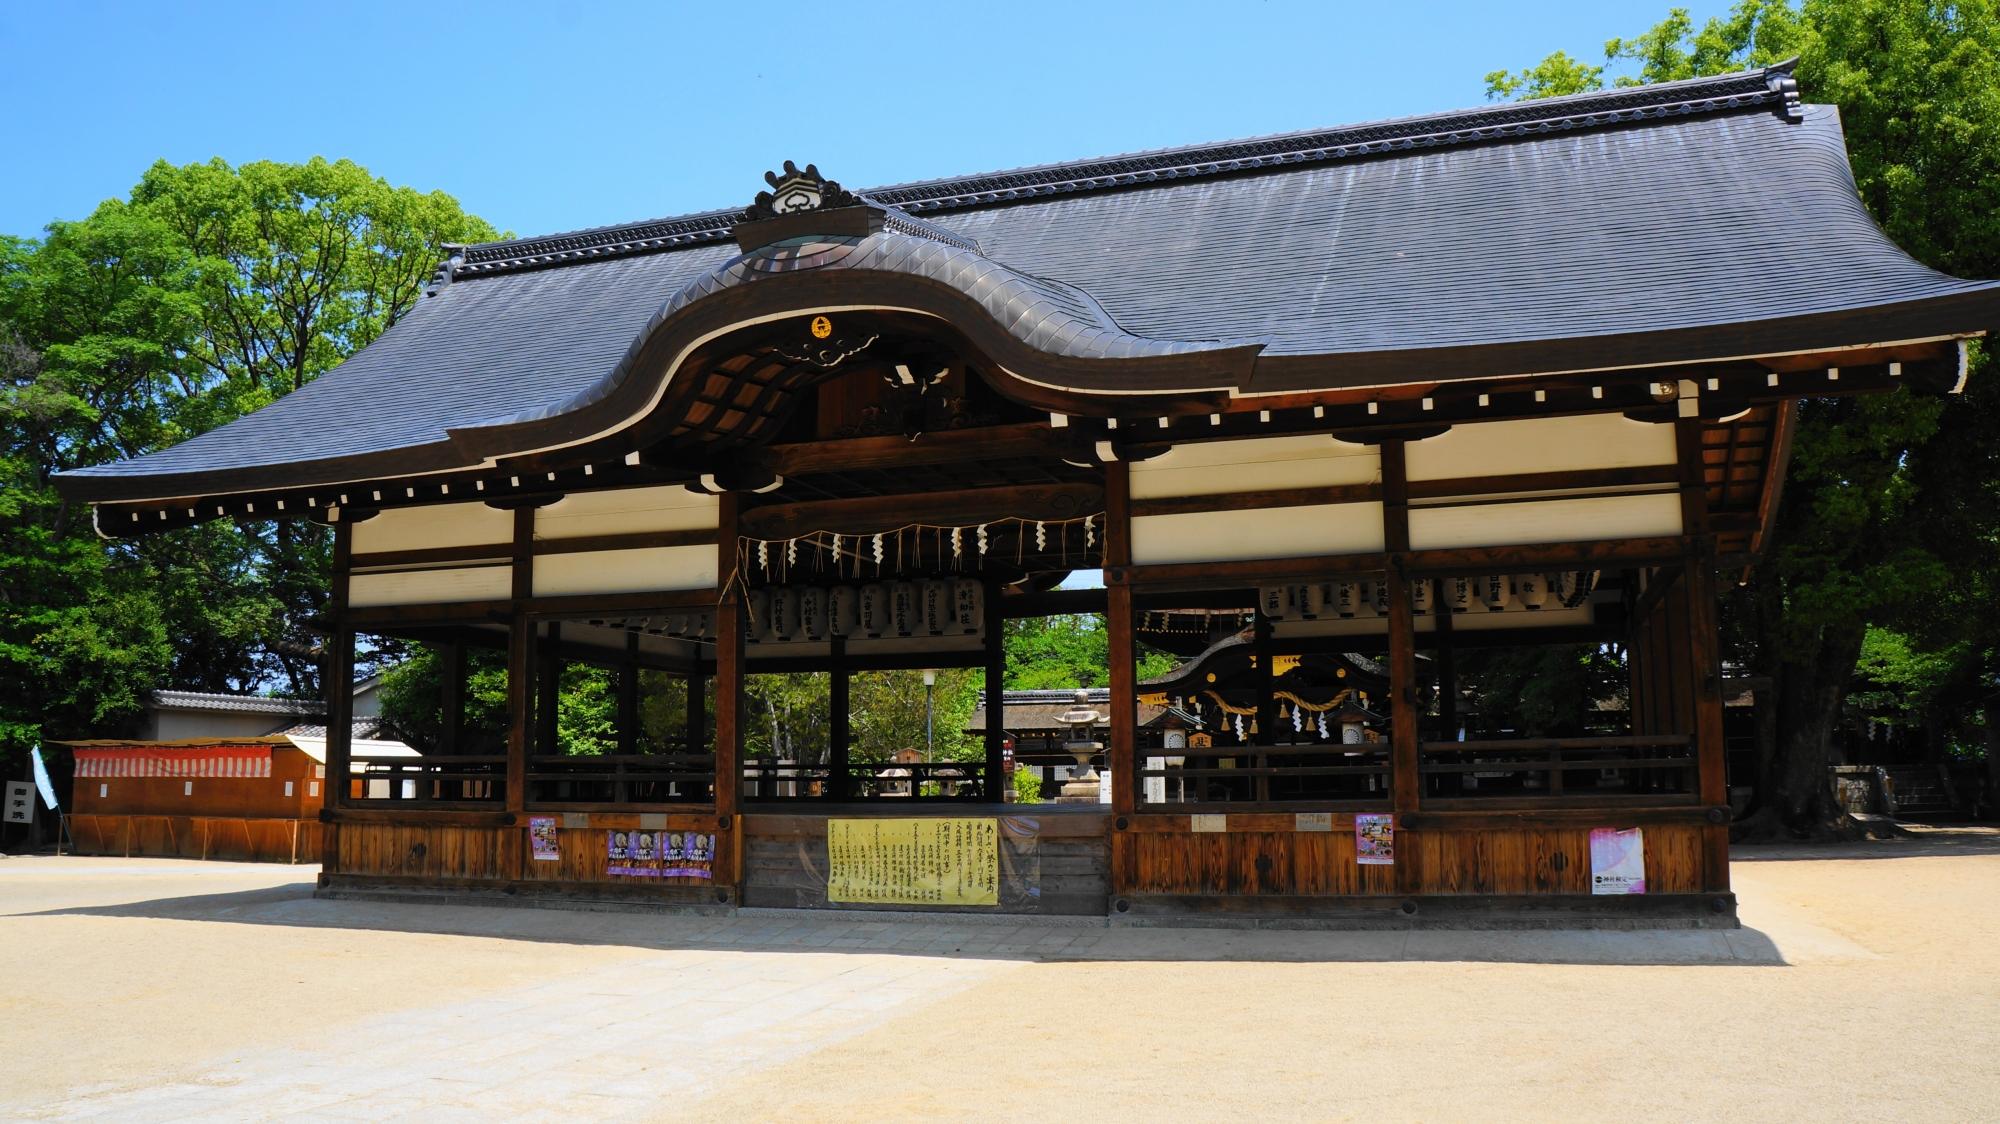 青空の下で雄大に構える藤森神社の拝殿